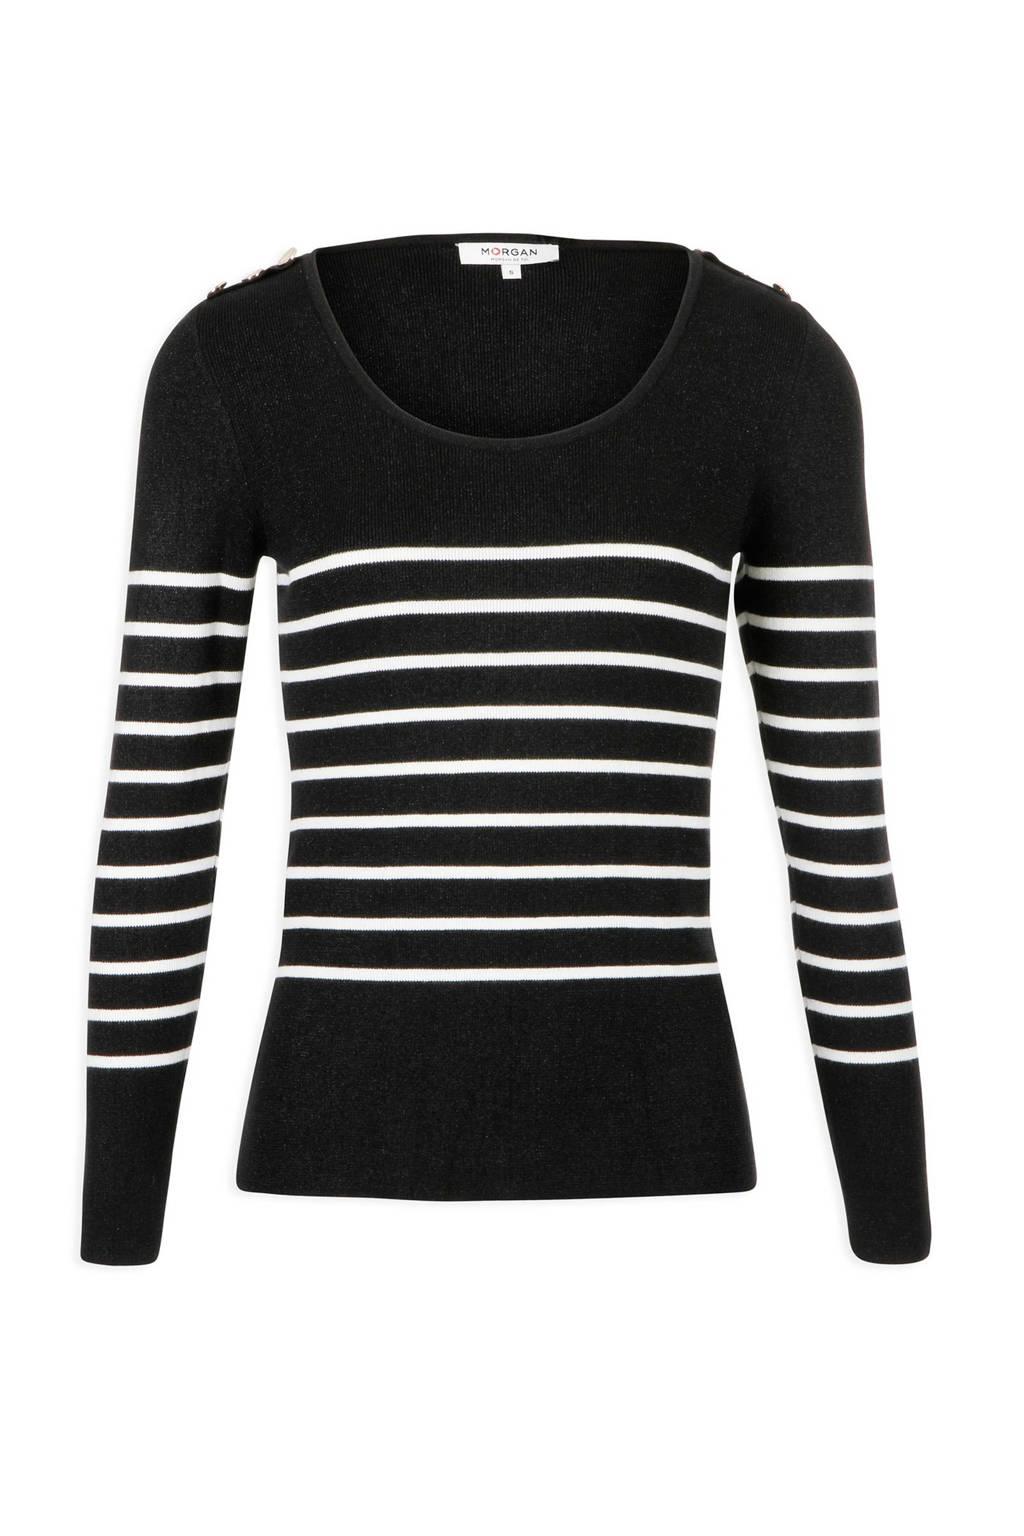 Morgan trui met strepen zwart, Zwart/wit